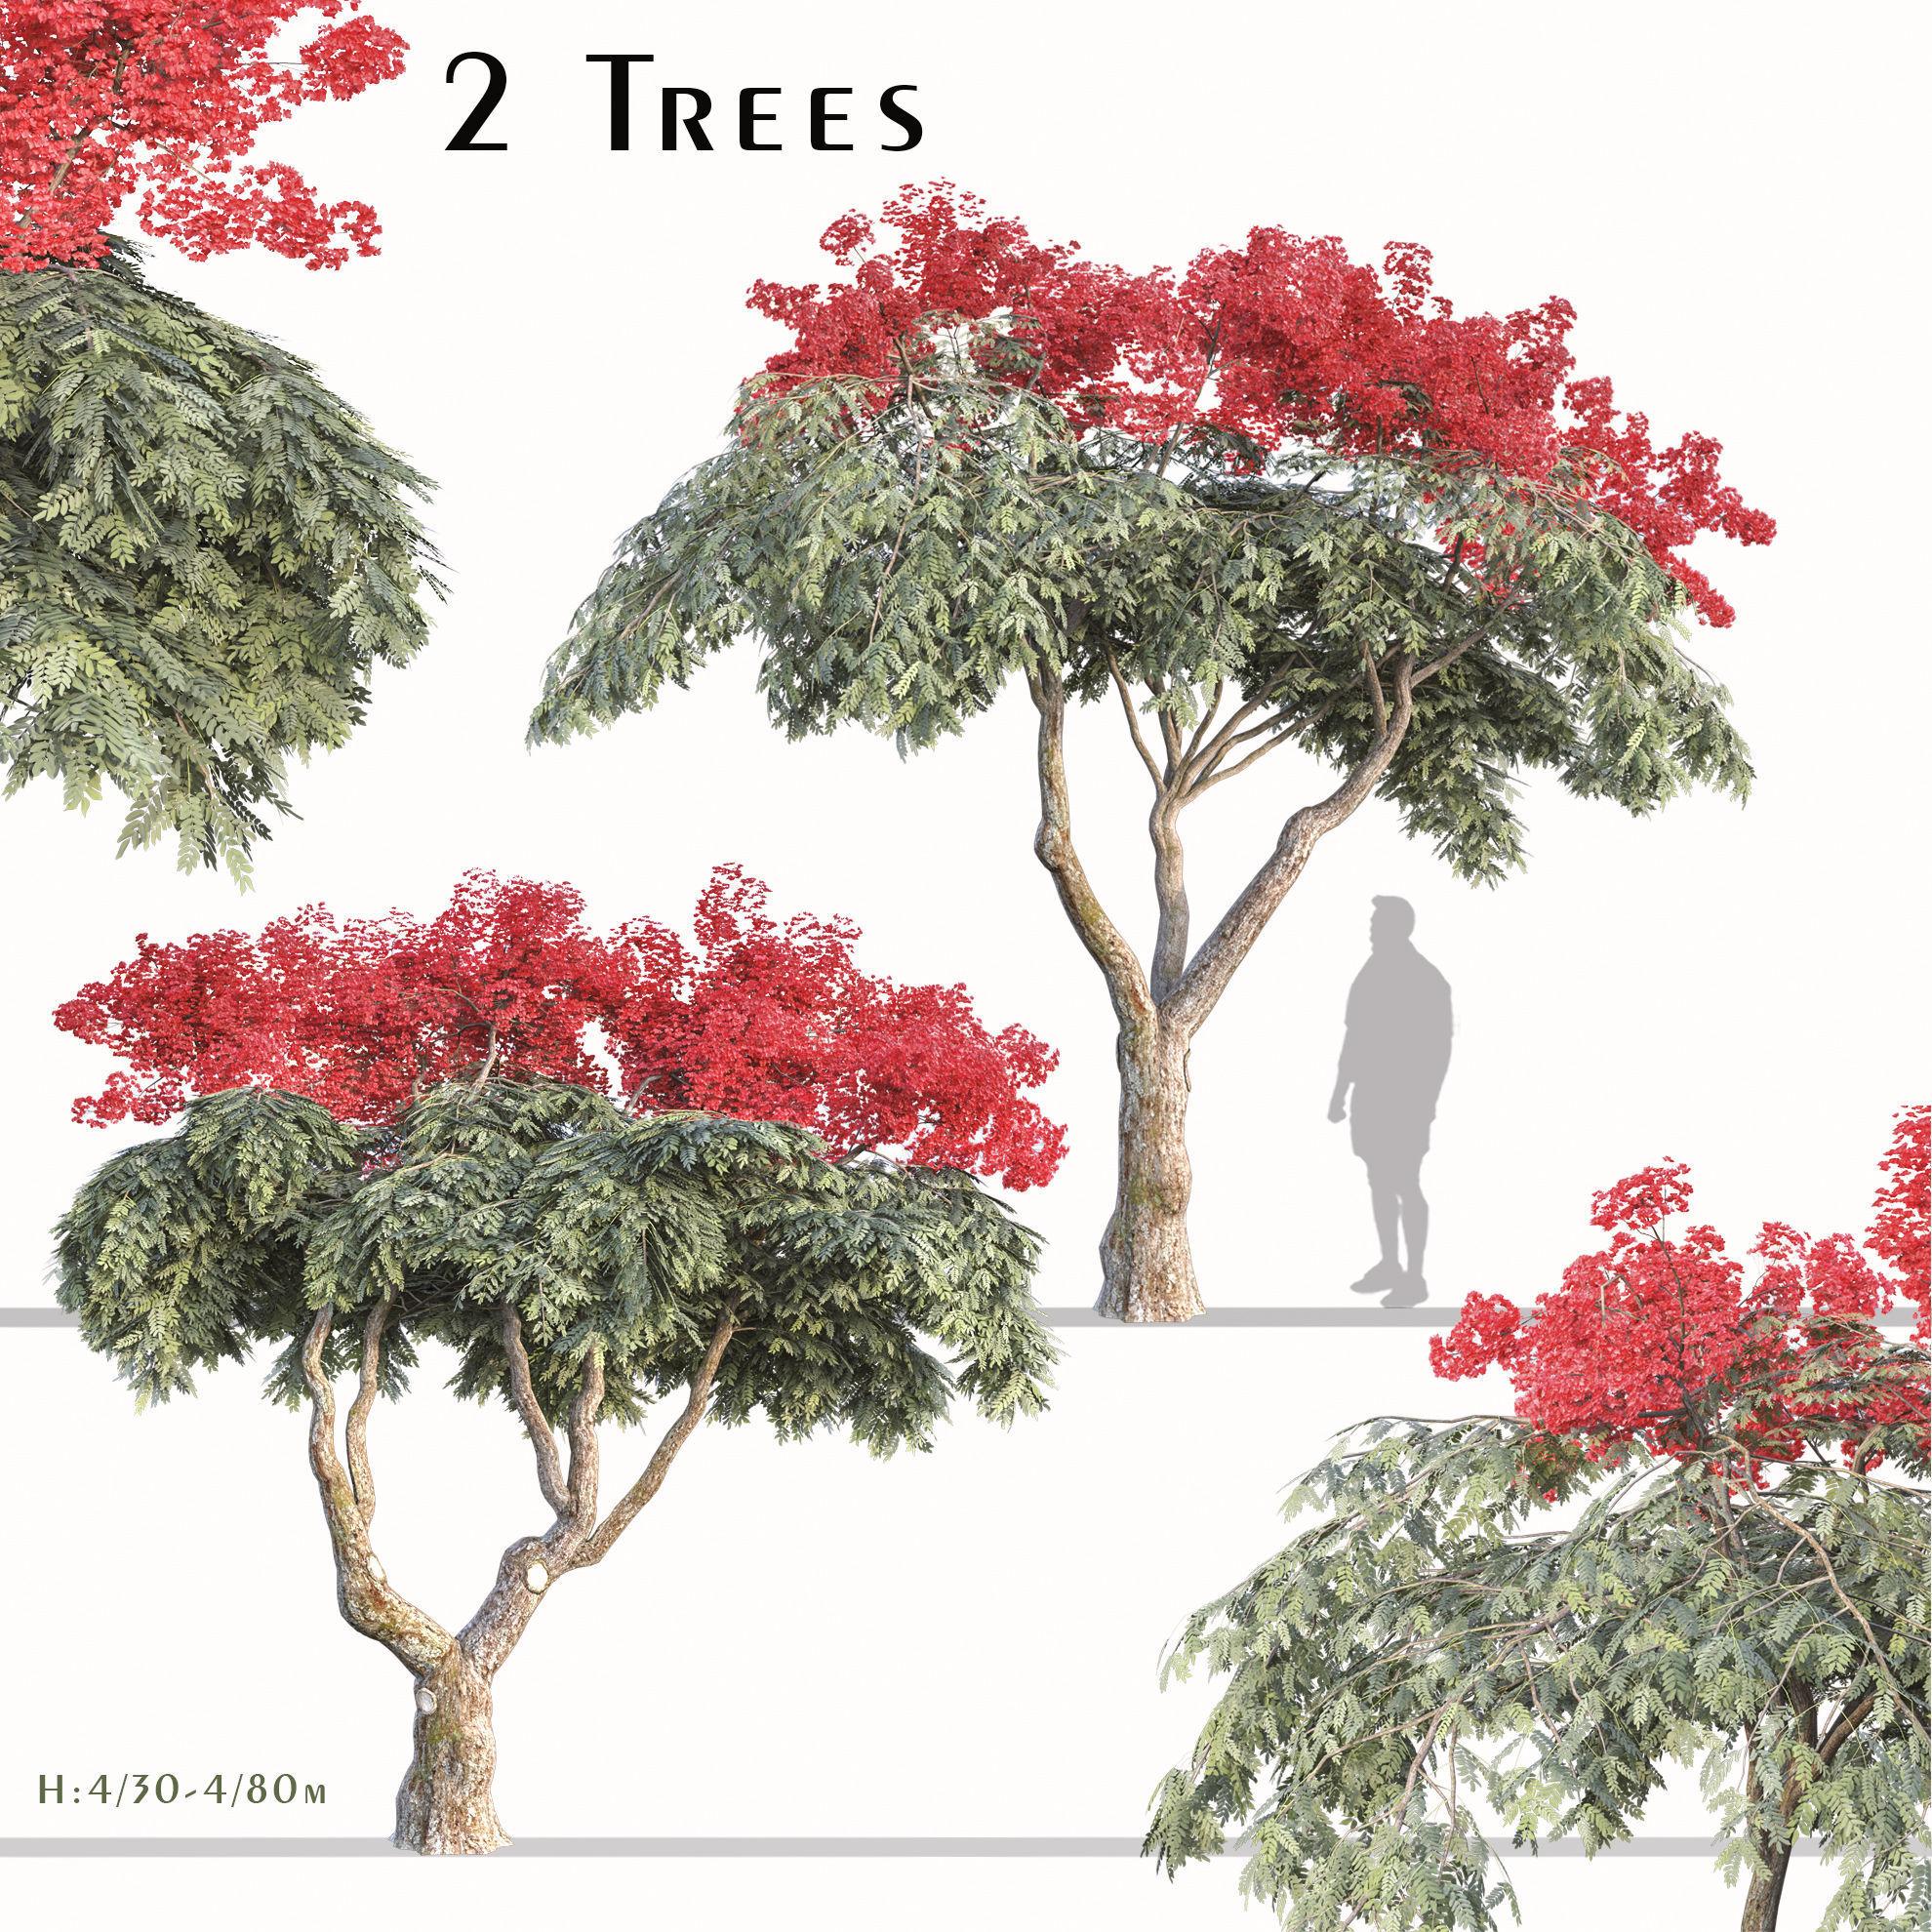 Set of Flamboyant Tree Royal poinciana - 2 Trees